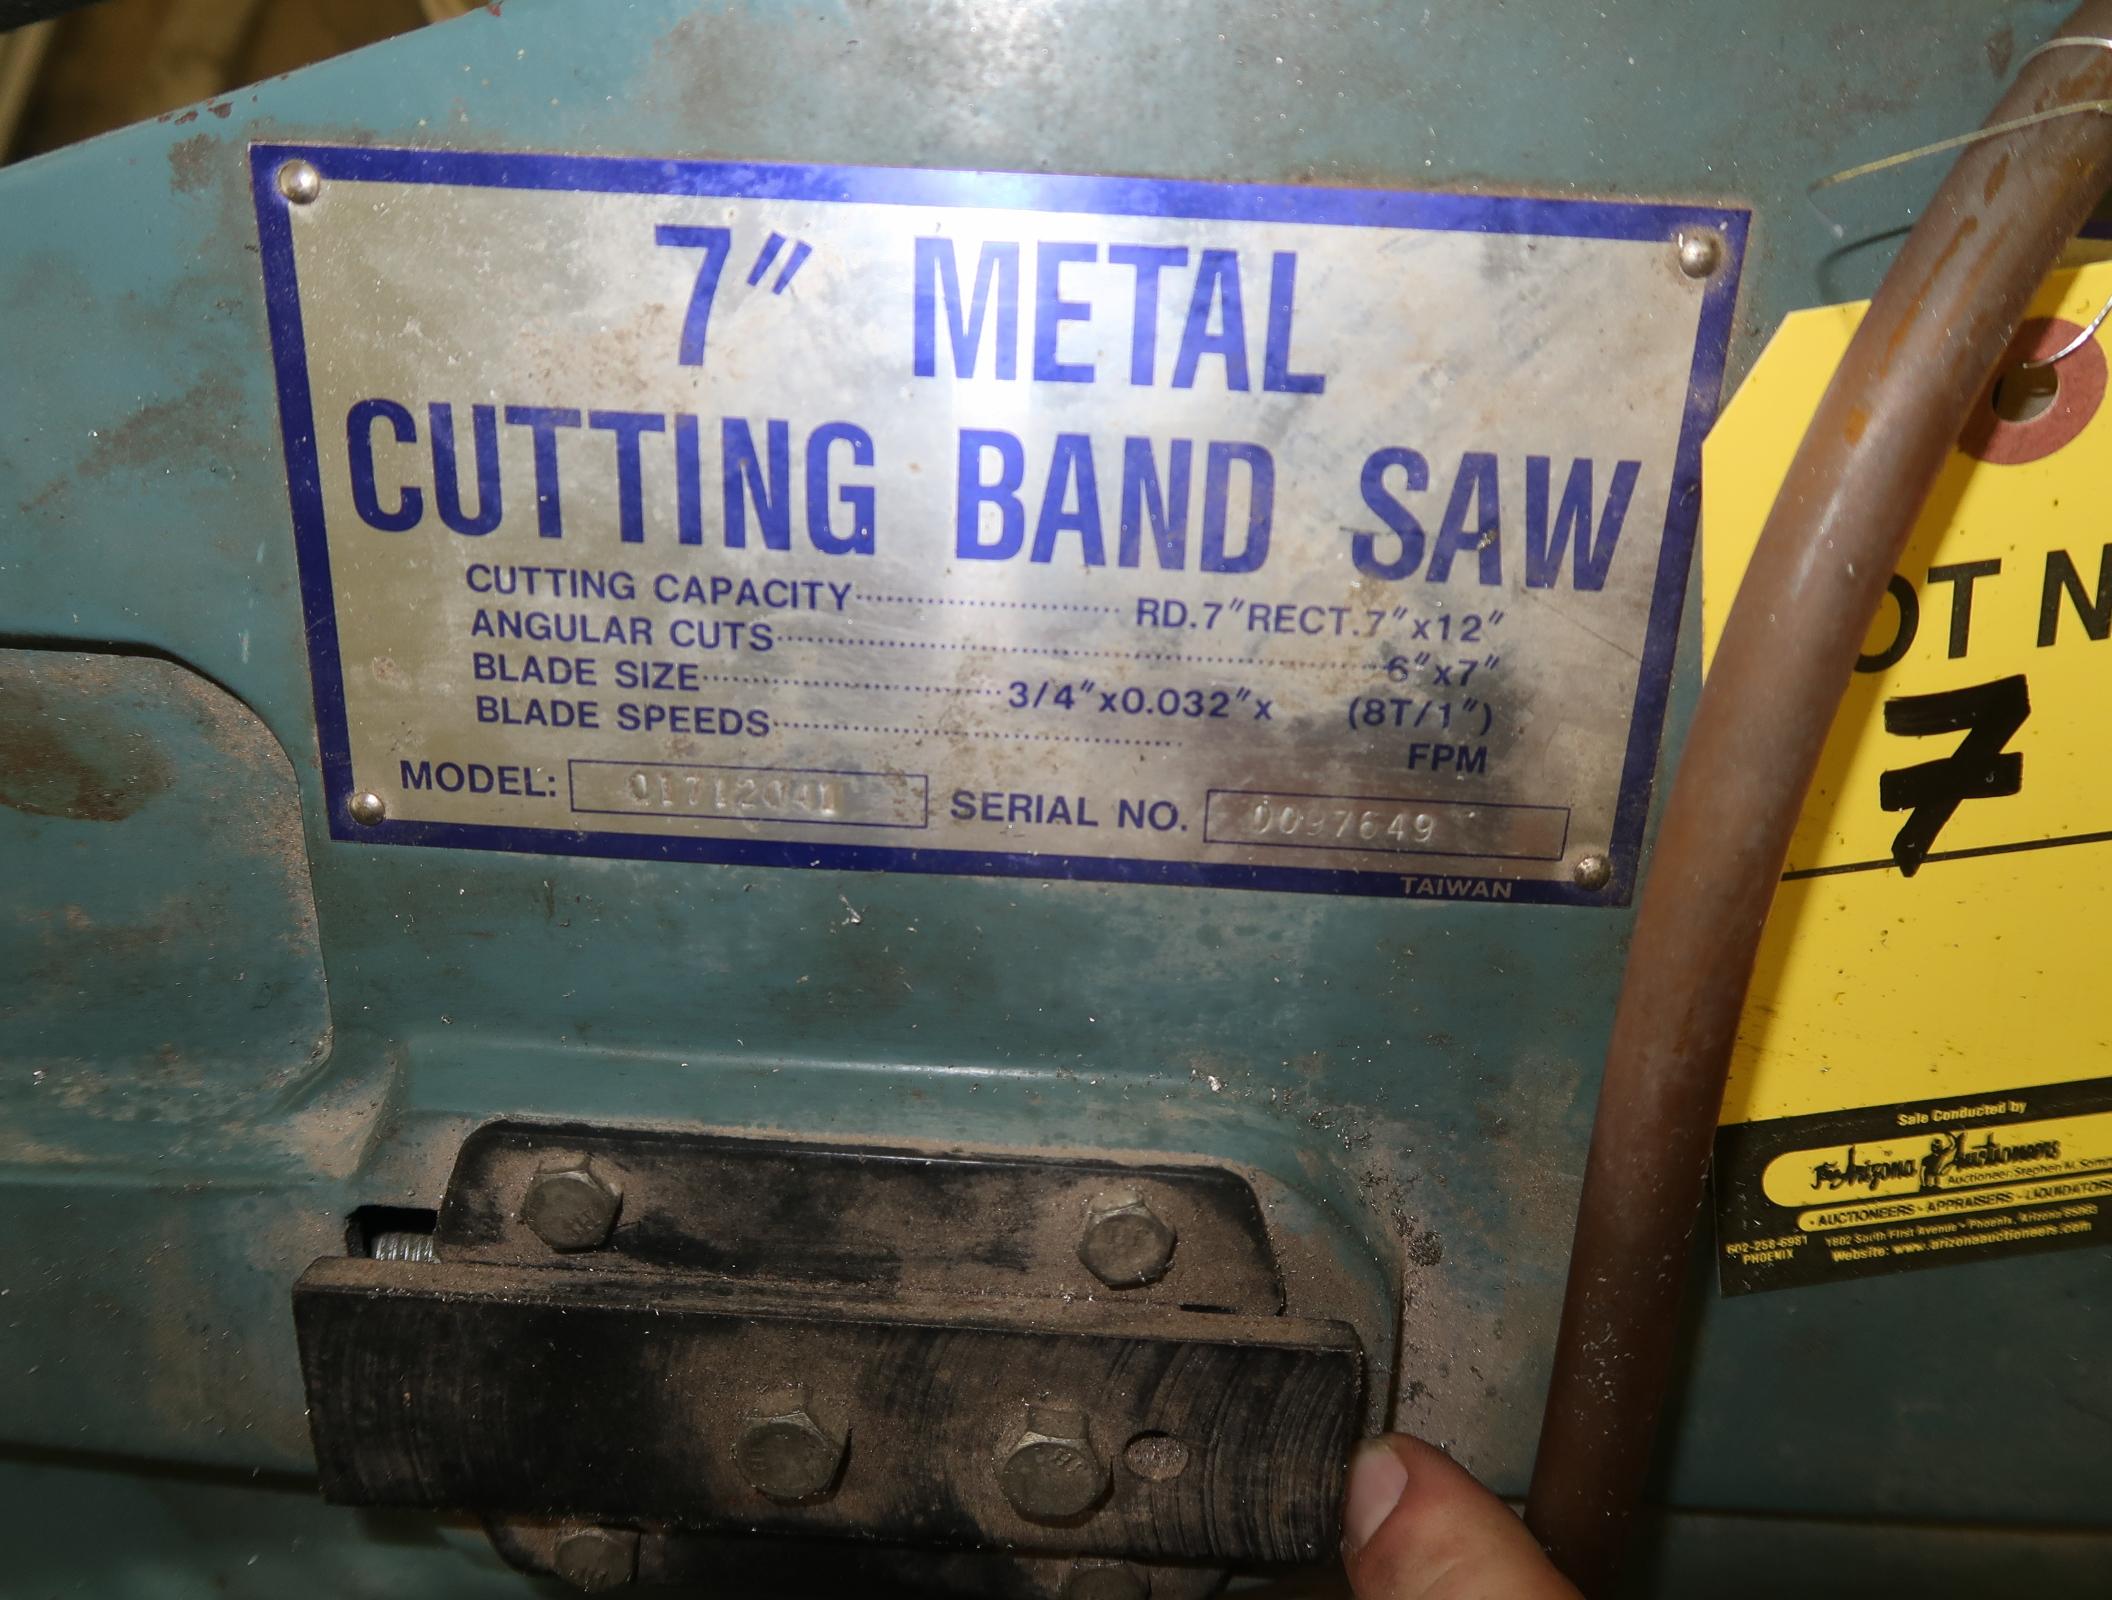 """TURN PRO 7"""" METAL CUTTINING UNIVERSAL BAND SAW, SN. 0097649 - Image 2 of 2"""